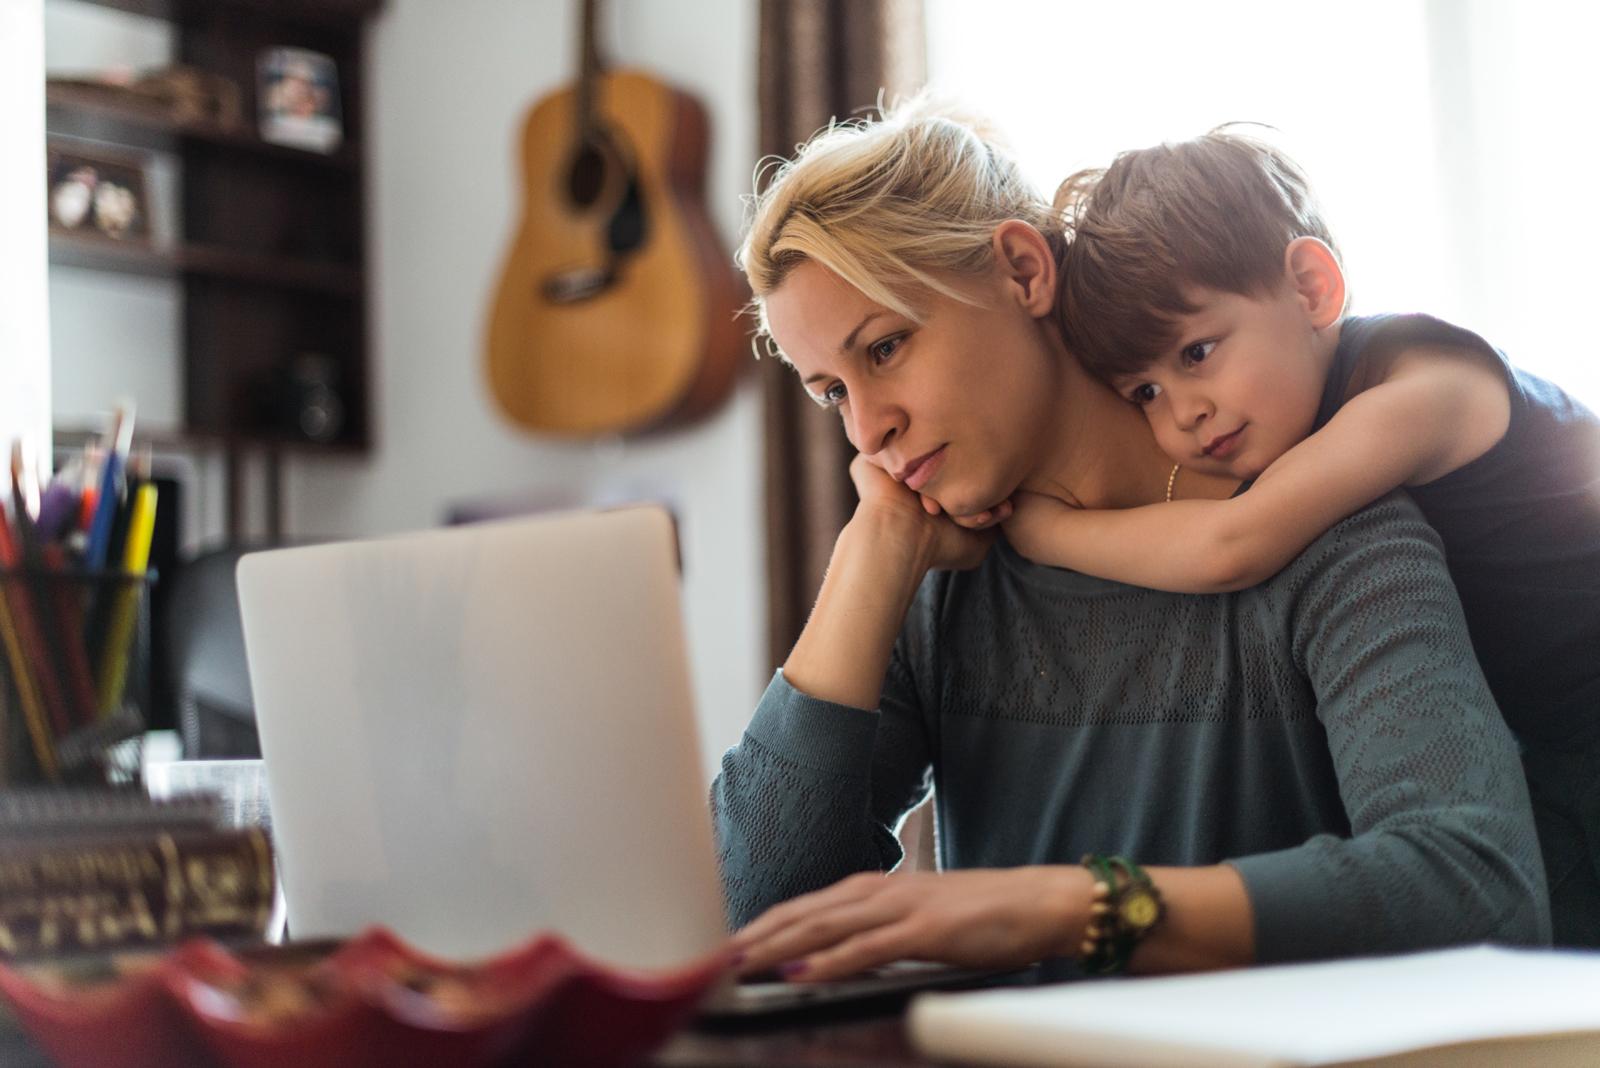 Für Arbeitsgeber ein Unsicherheitsfaktor: Kinder zu verheimlichen, darf  keine Lösung sein. (iStock